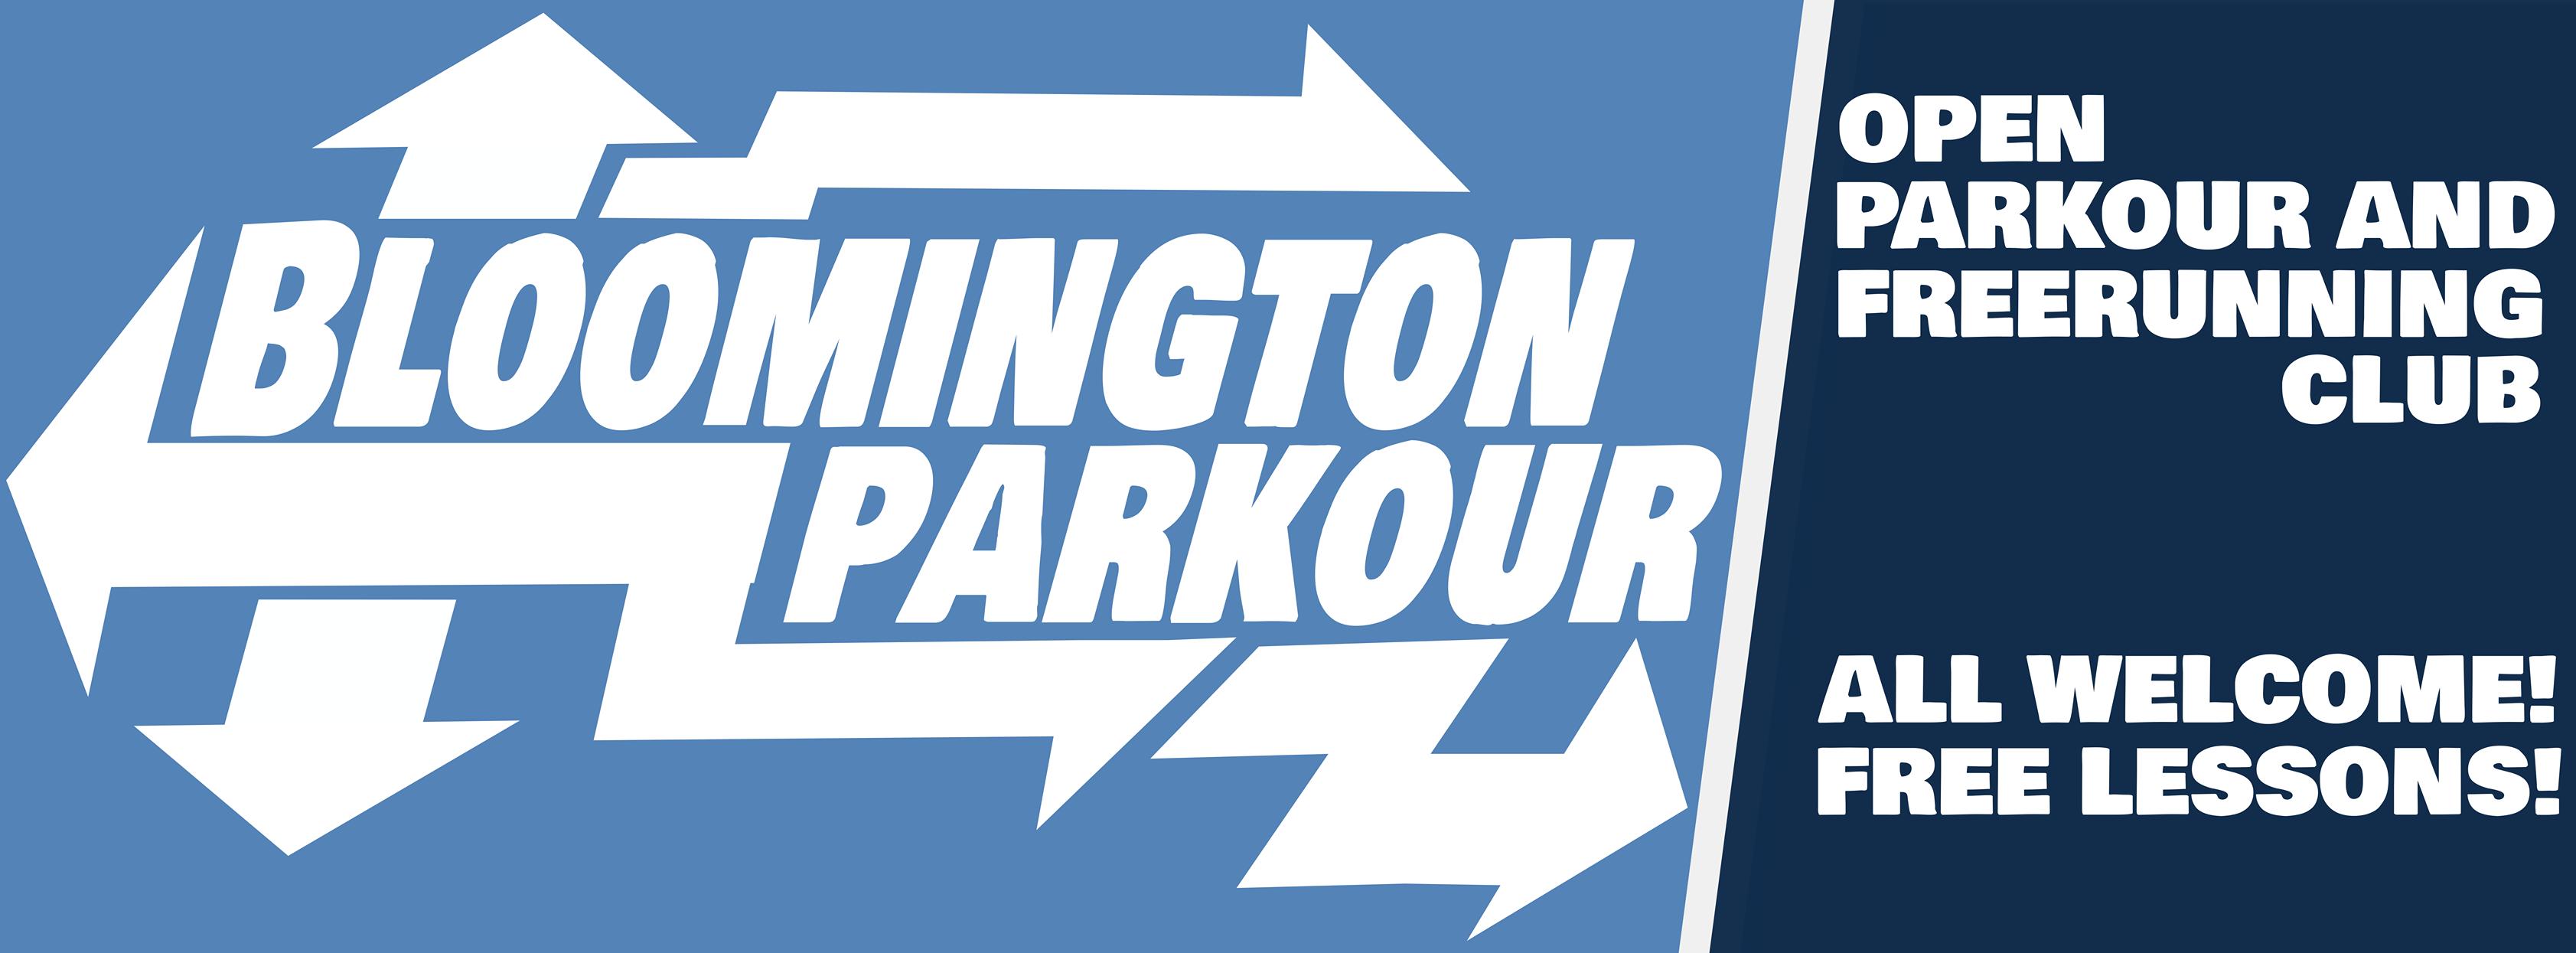 Bloomington Parkour